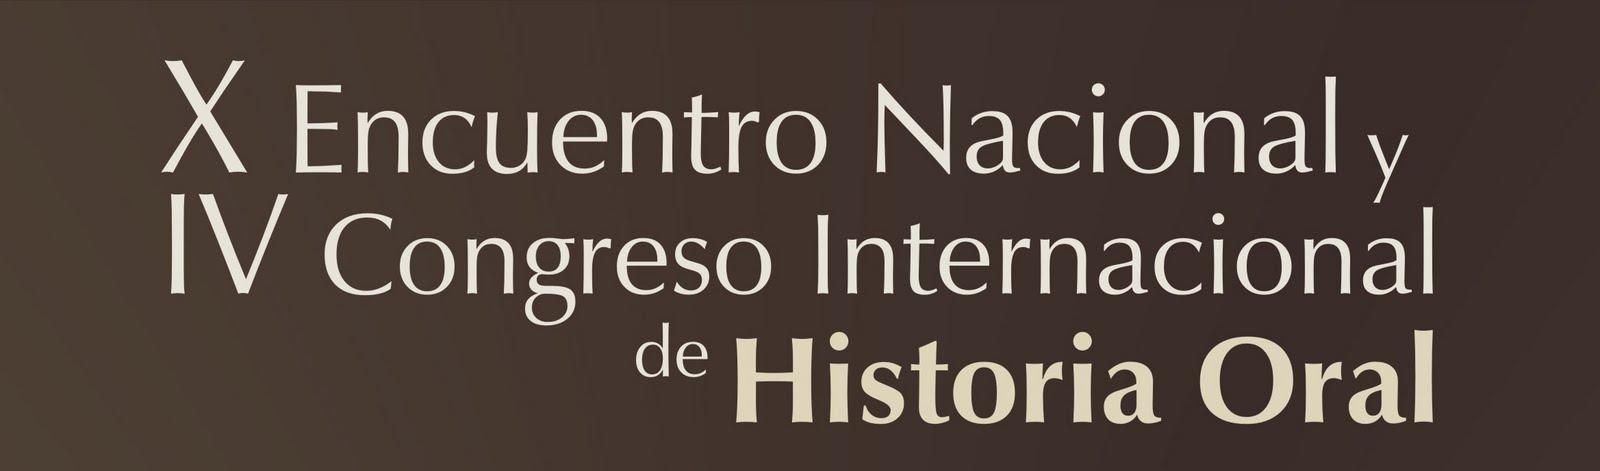 Encuentro Nacional de Historia Oral       - San Luis - 6, 7 y 8 de Octubre 2011